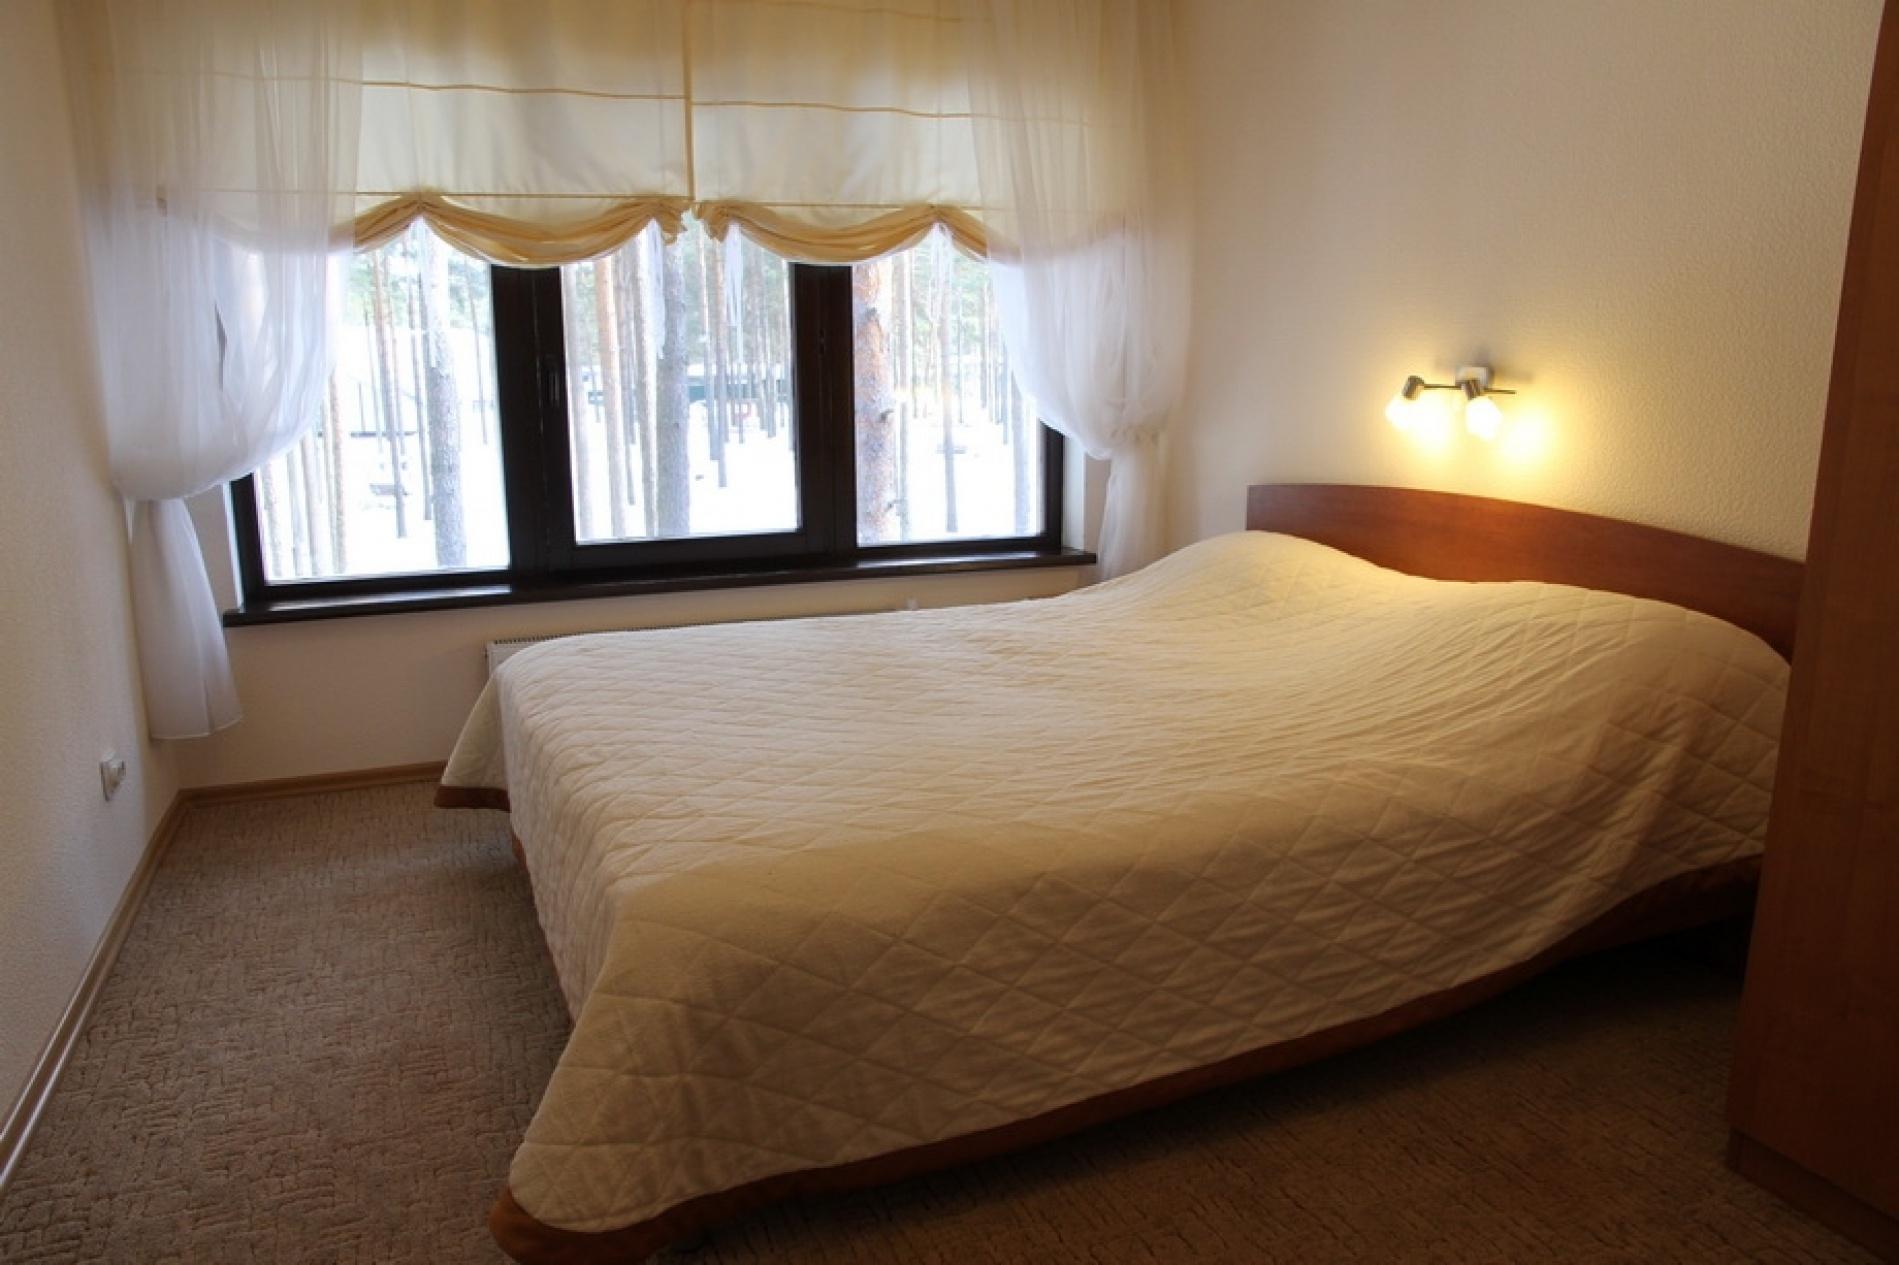 Загородный отель «Плесков» Псковская область Апартаменты № 2, фото 1